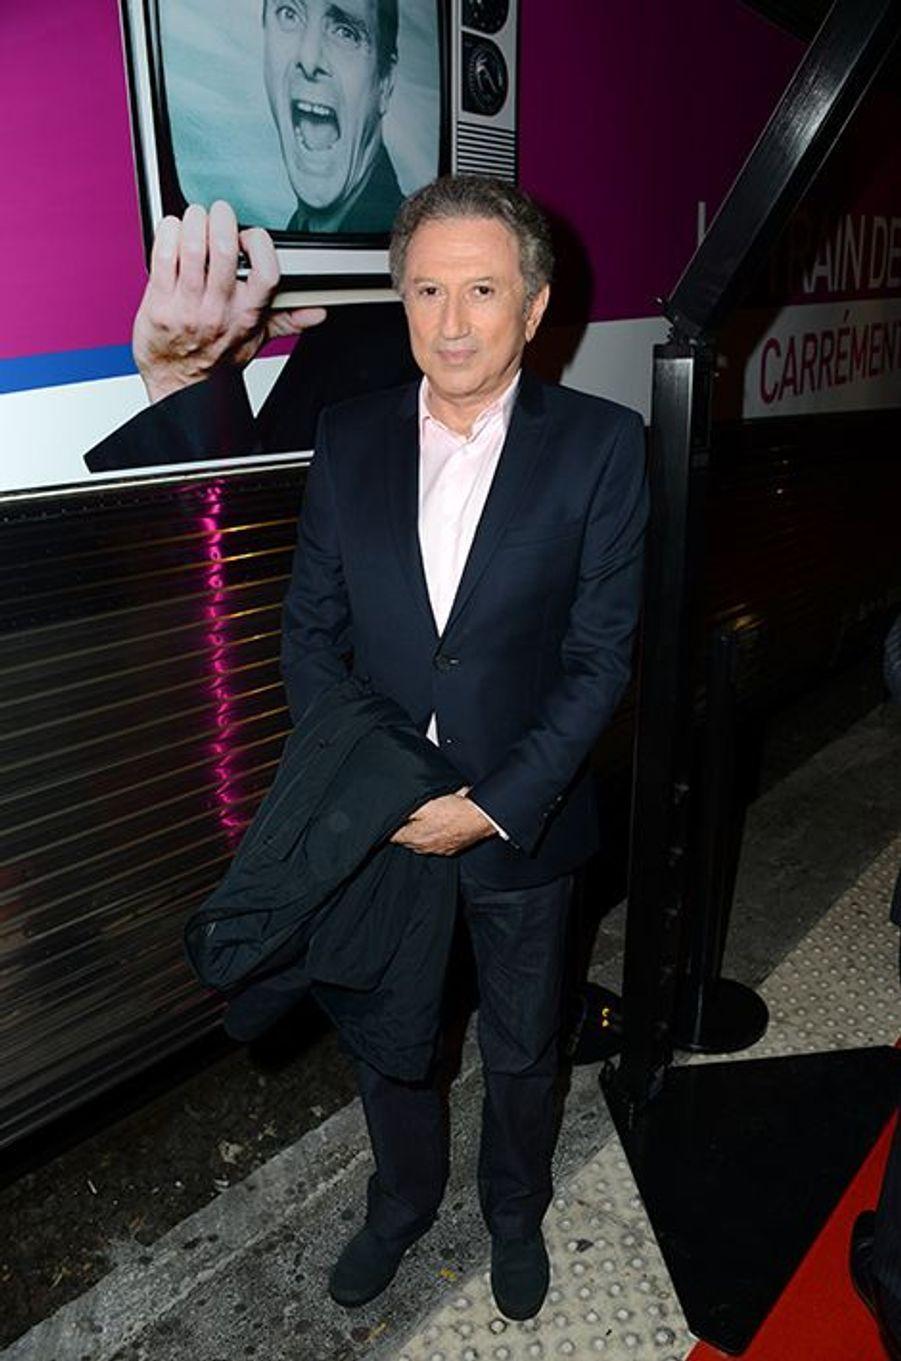 Michel Drucker à l'inauguration du Train de la Télé à Paris le 6 octobre 2014